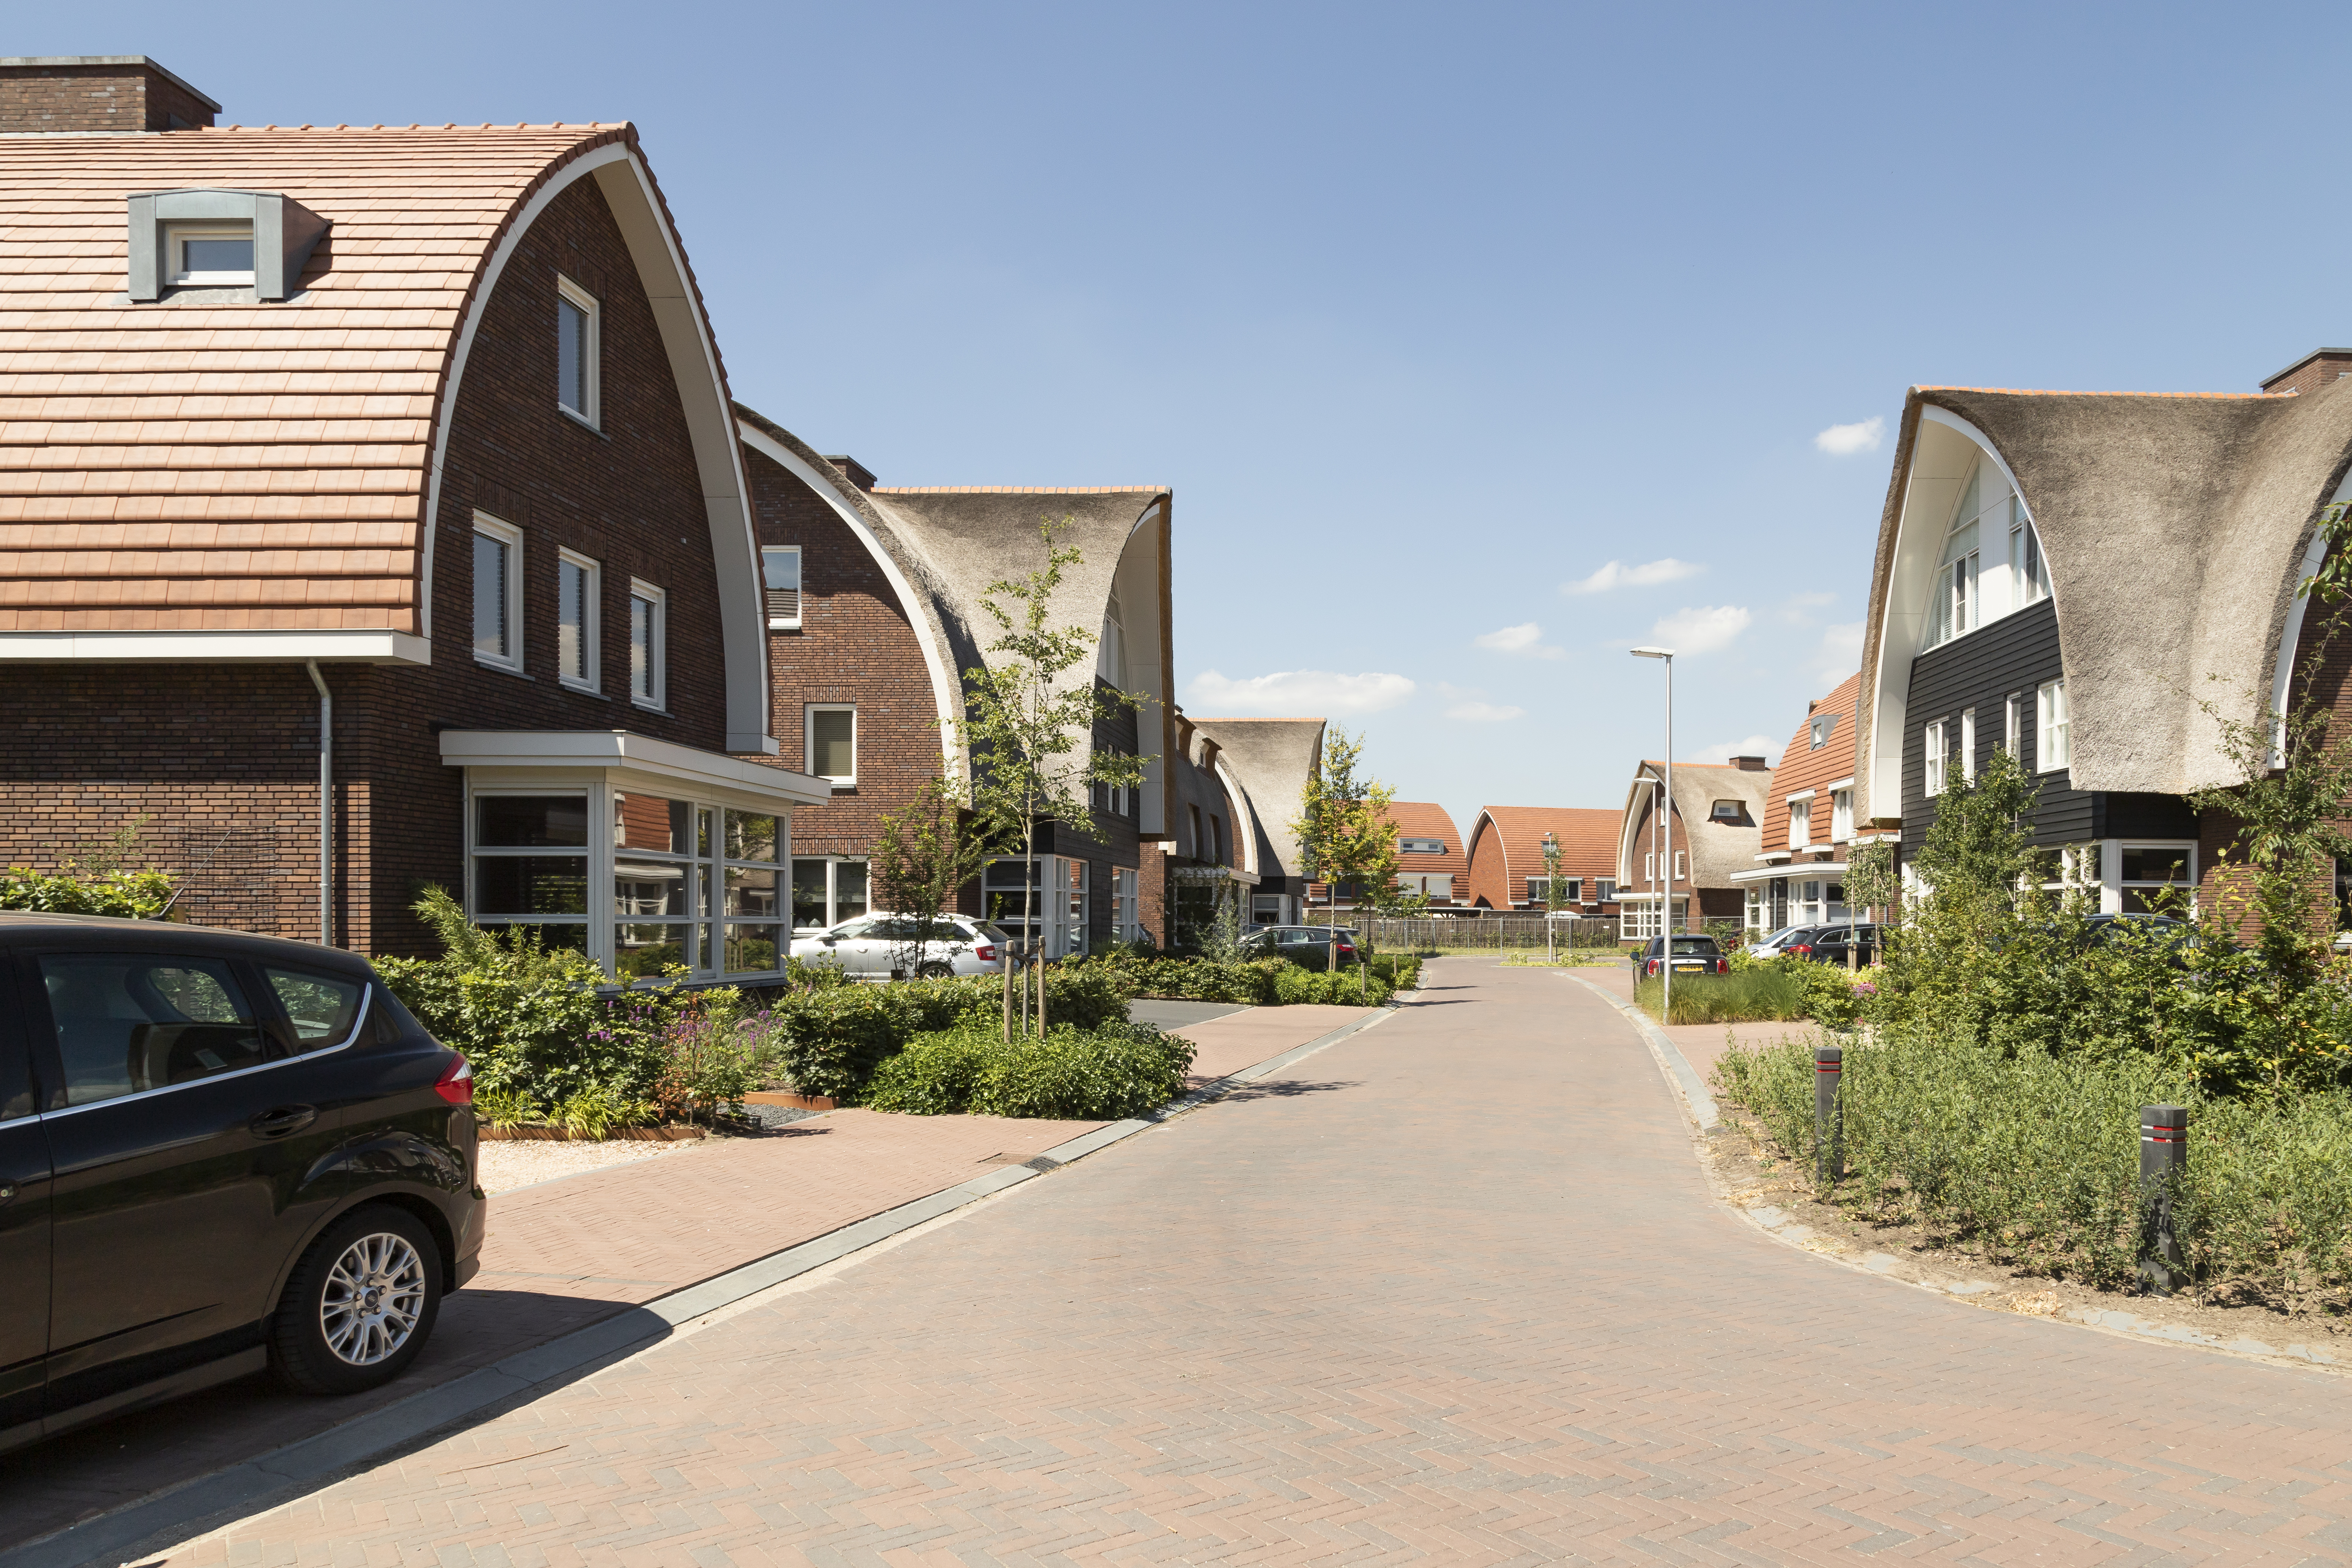 Villapark Lavendel in Vlijmen 16